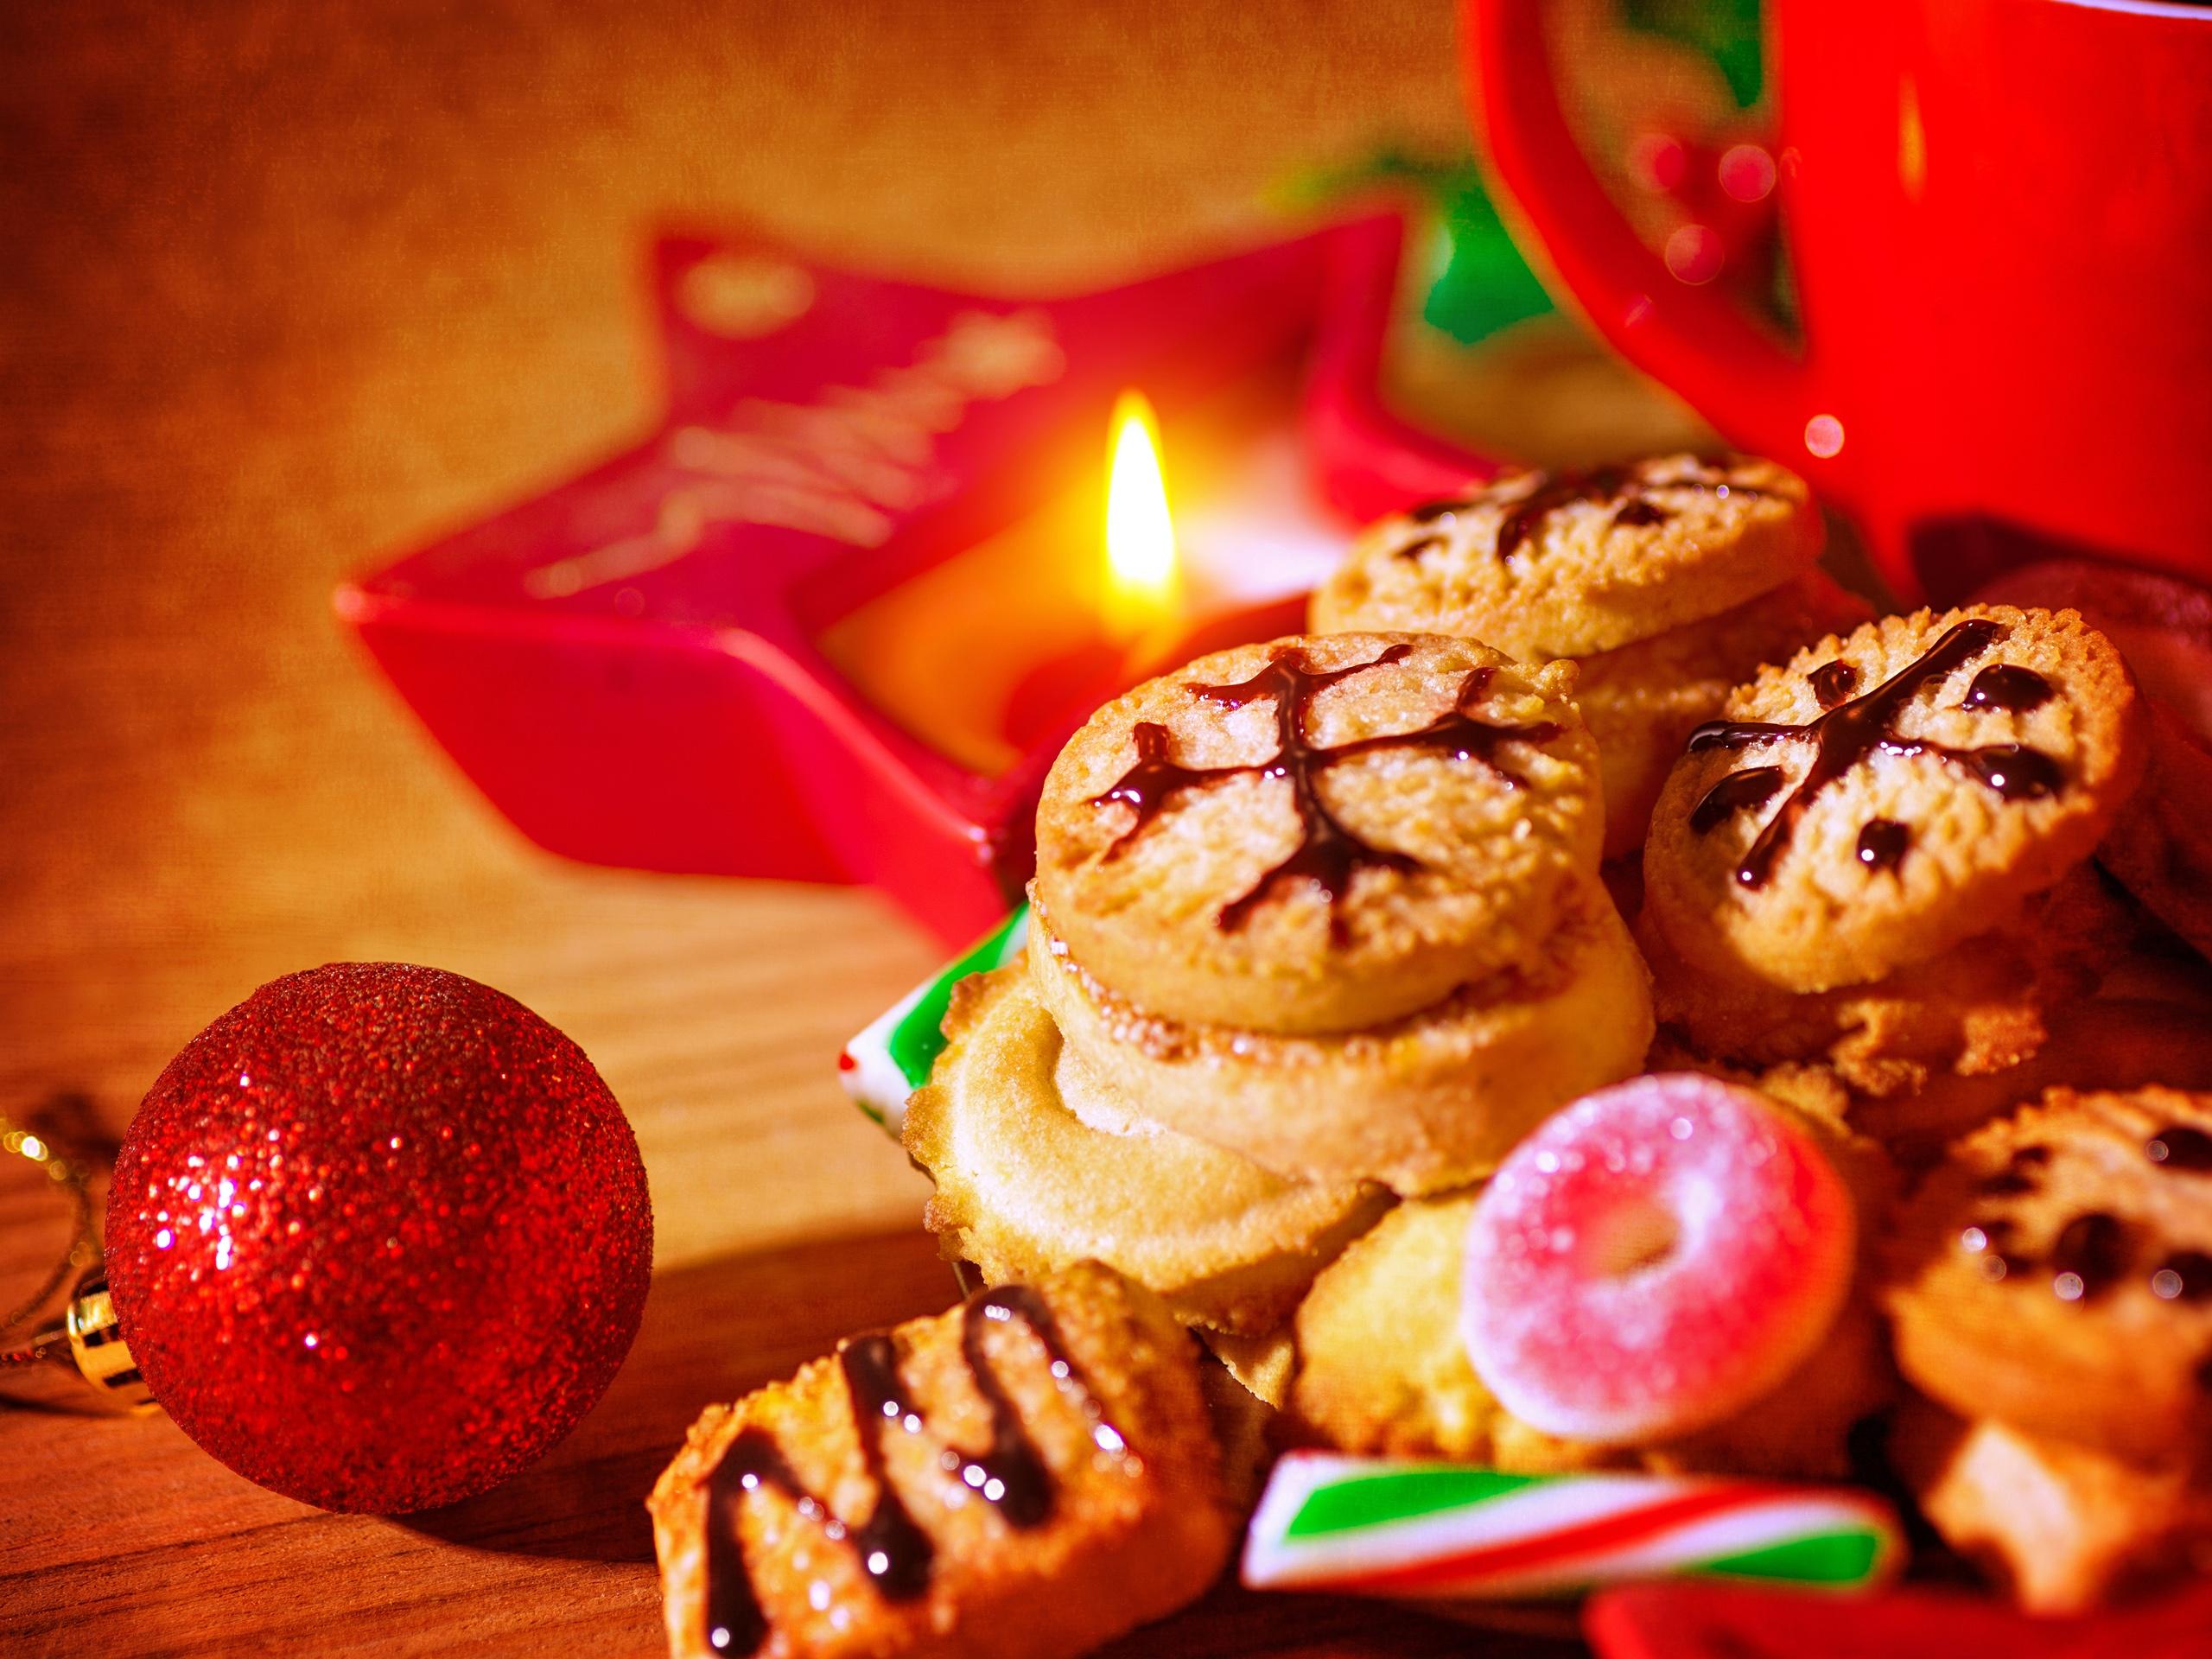 壁紙 クッキー お菓子 ライト クリスマス 新年 2560x1920 Hd 無料